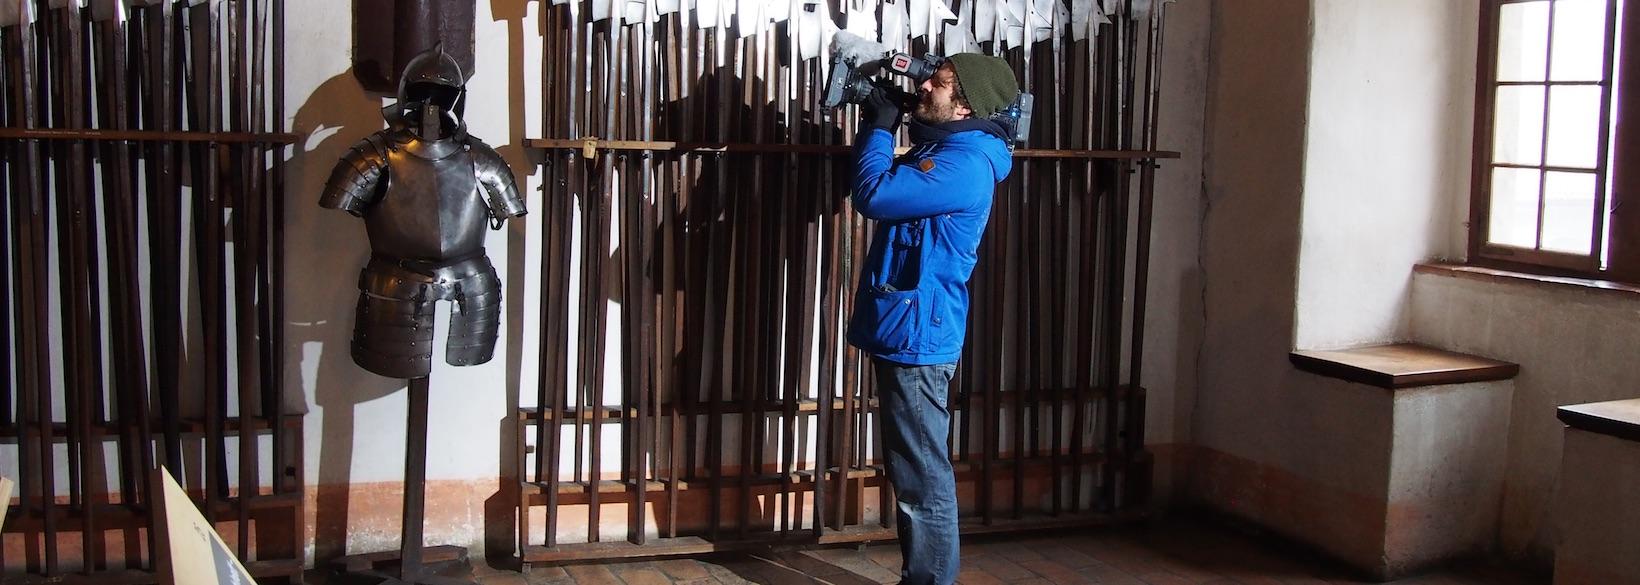 Kameramann filmt Rüstkammer